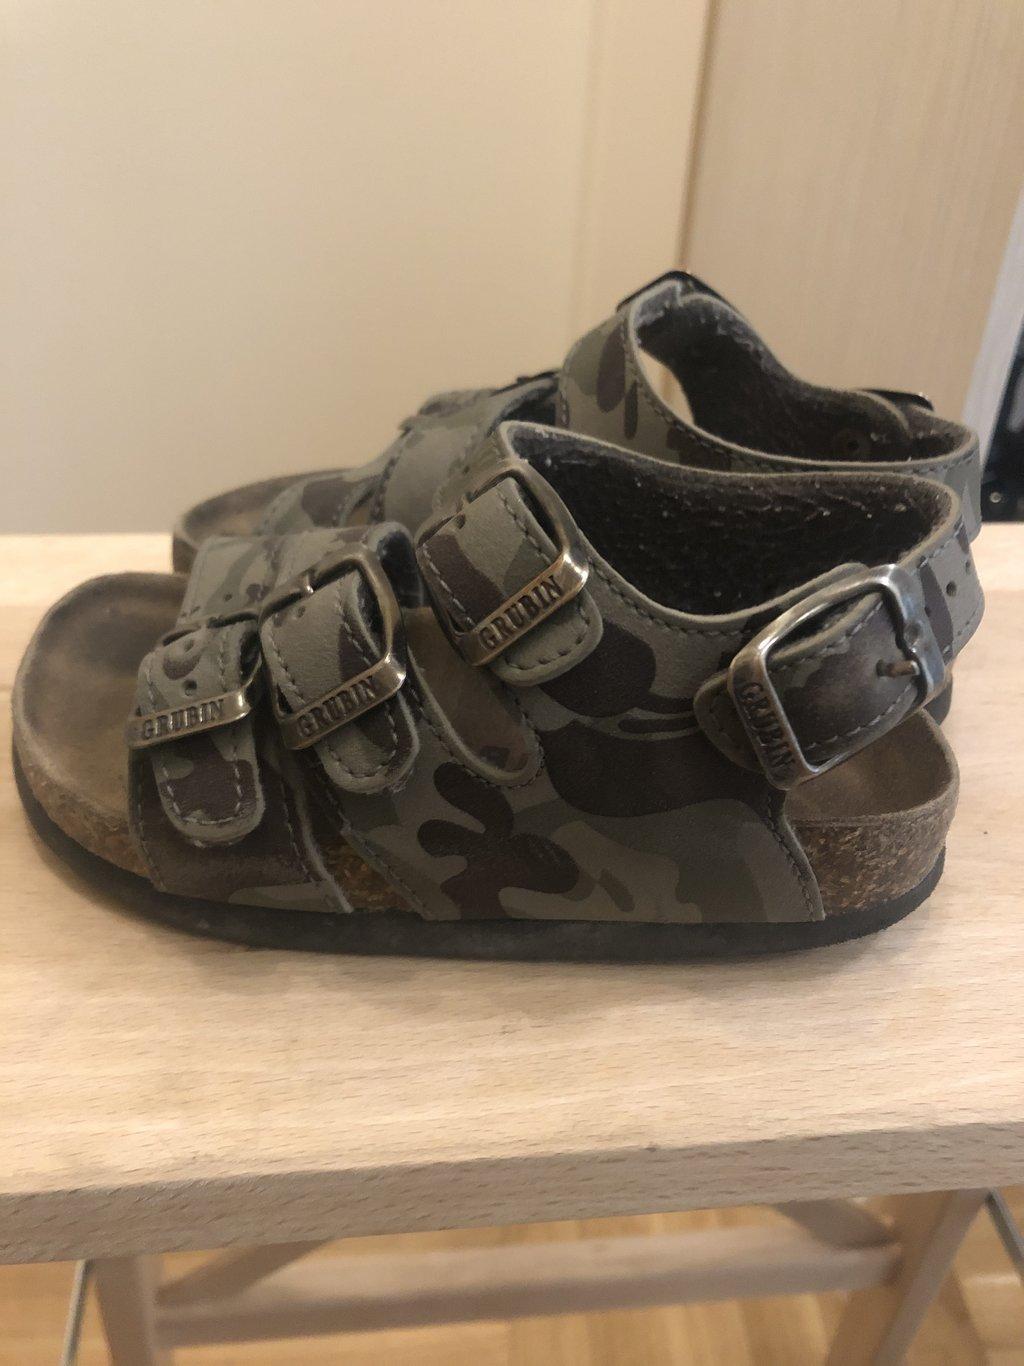 Grubin sandalice br.28